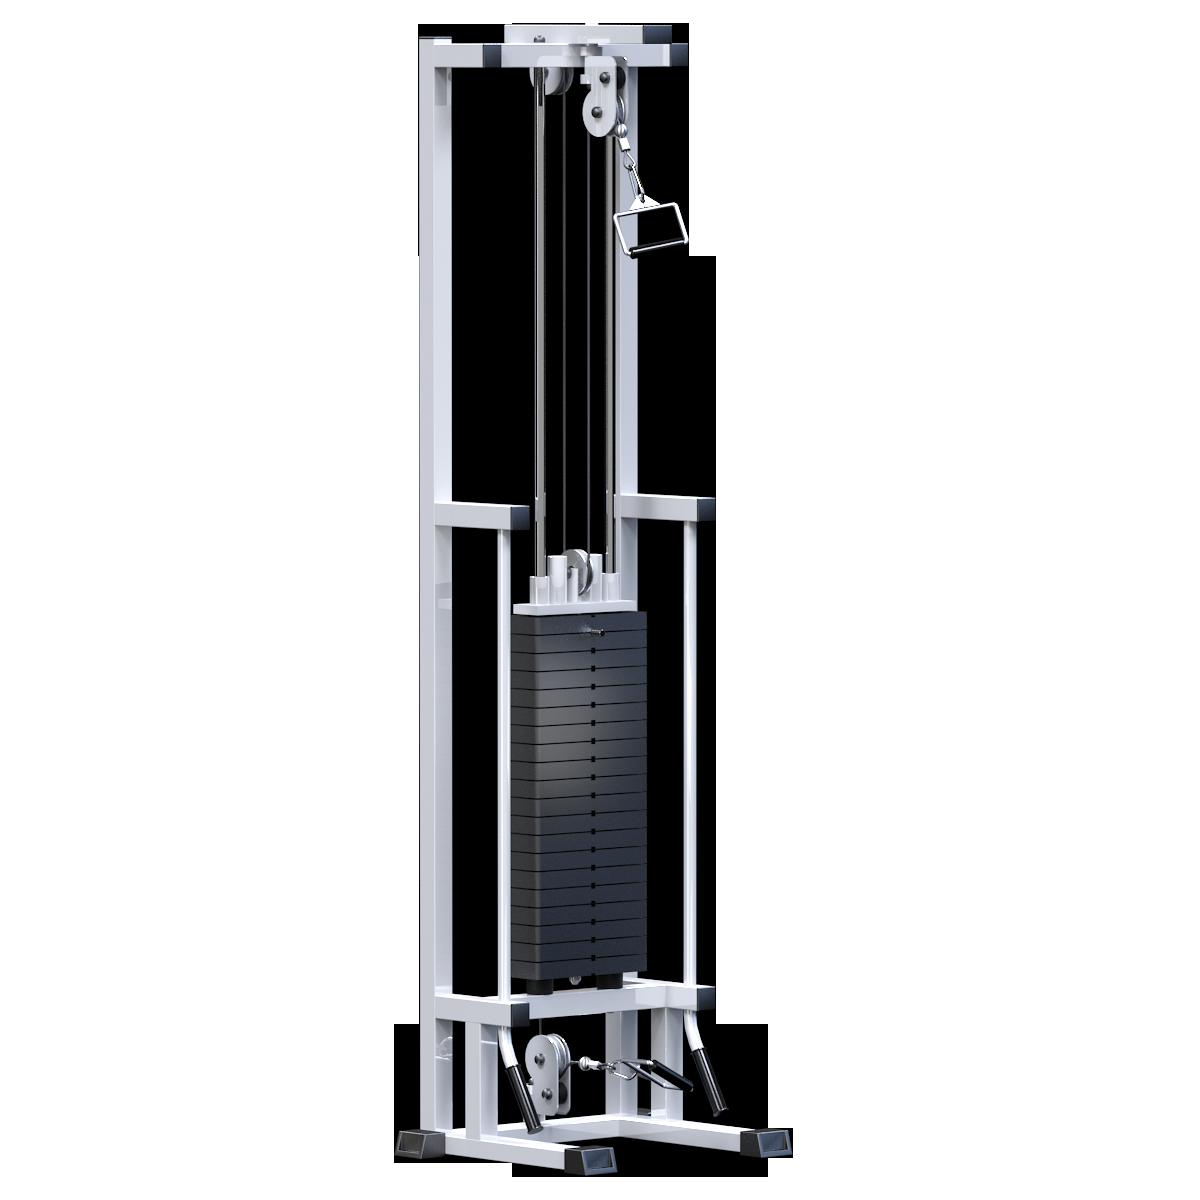 Реабилитационный тренажер (стек 100кг) (KAR083.1х100)